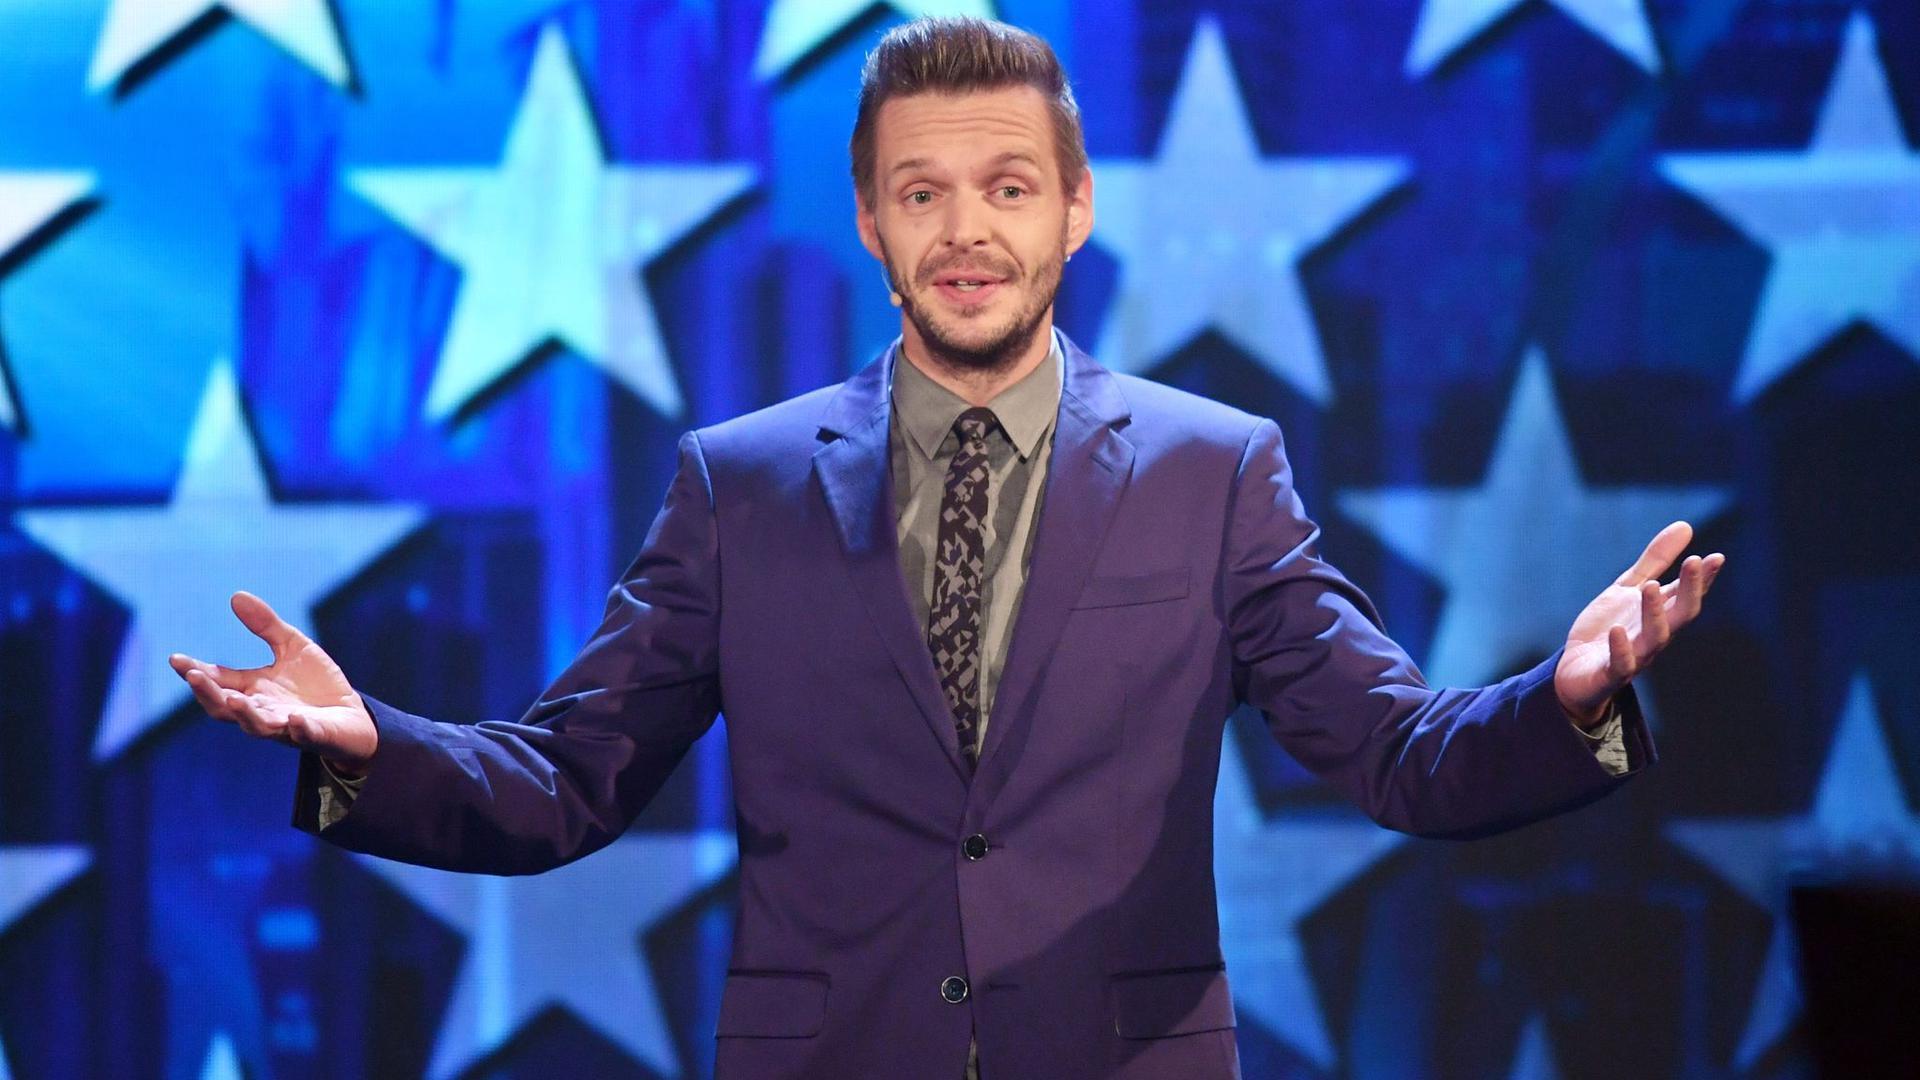 Kabarettist Florian Schroeder bei einemFernsehauftritt.